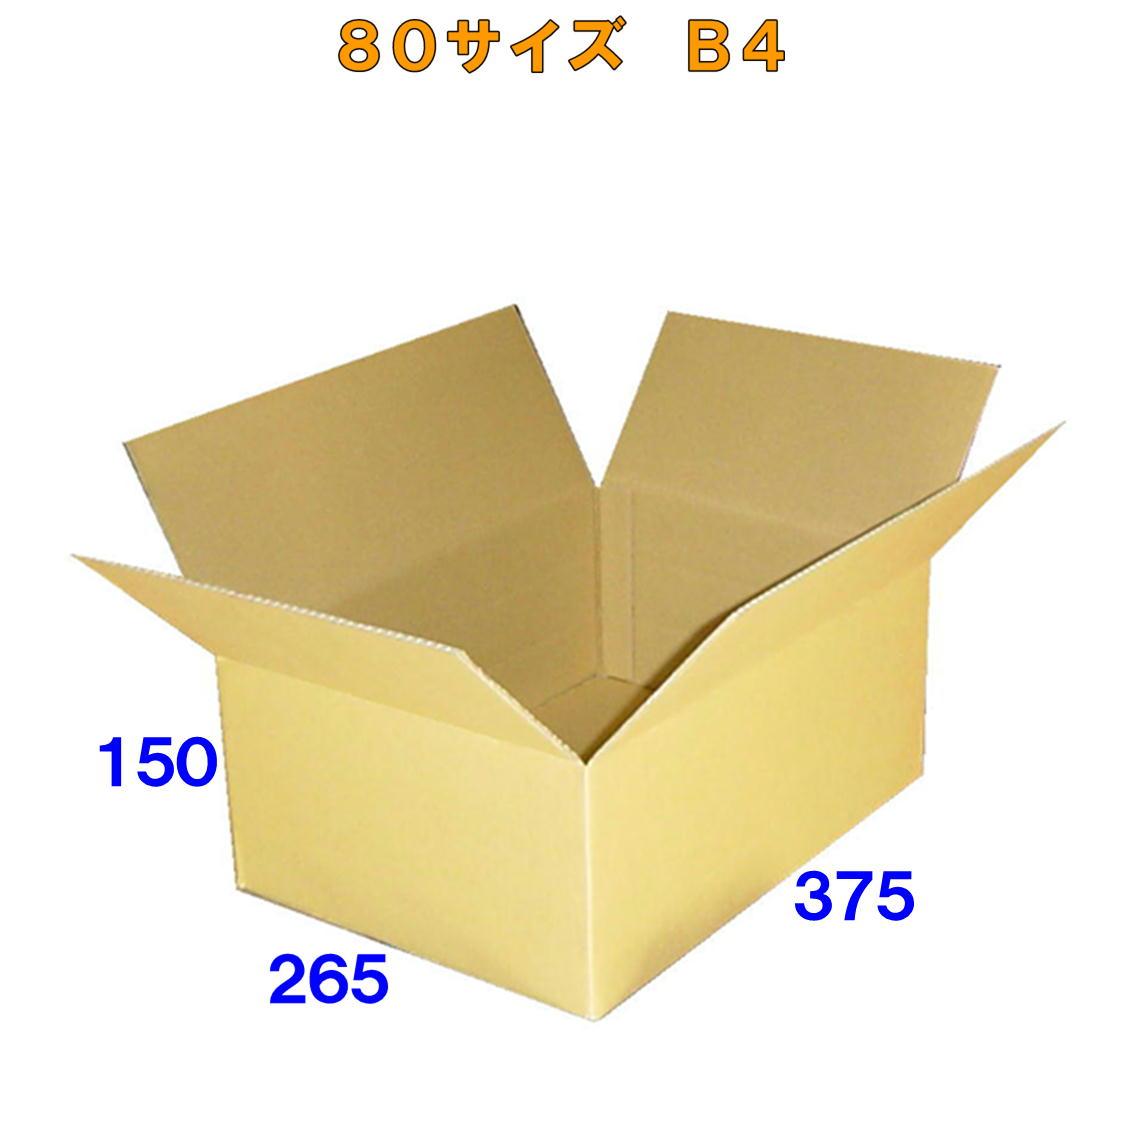 【送料無料】80サイズダンボール 箱 B4 80枚 便利線入り※ヤマト運輸での配送です※